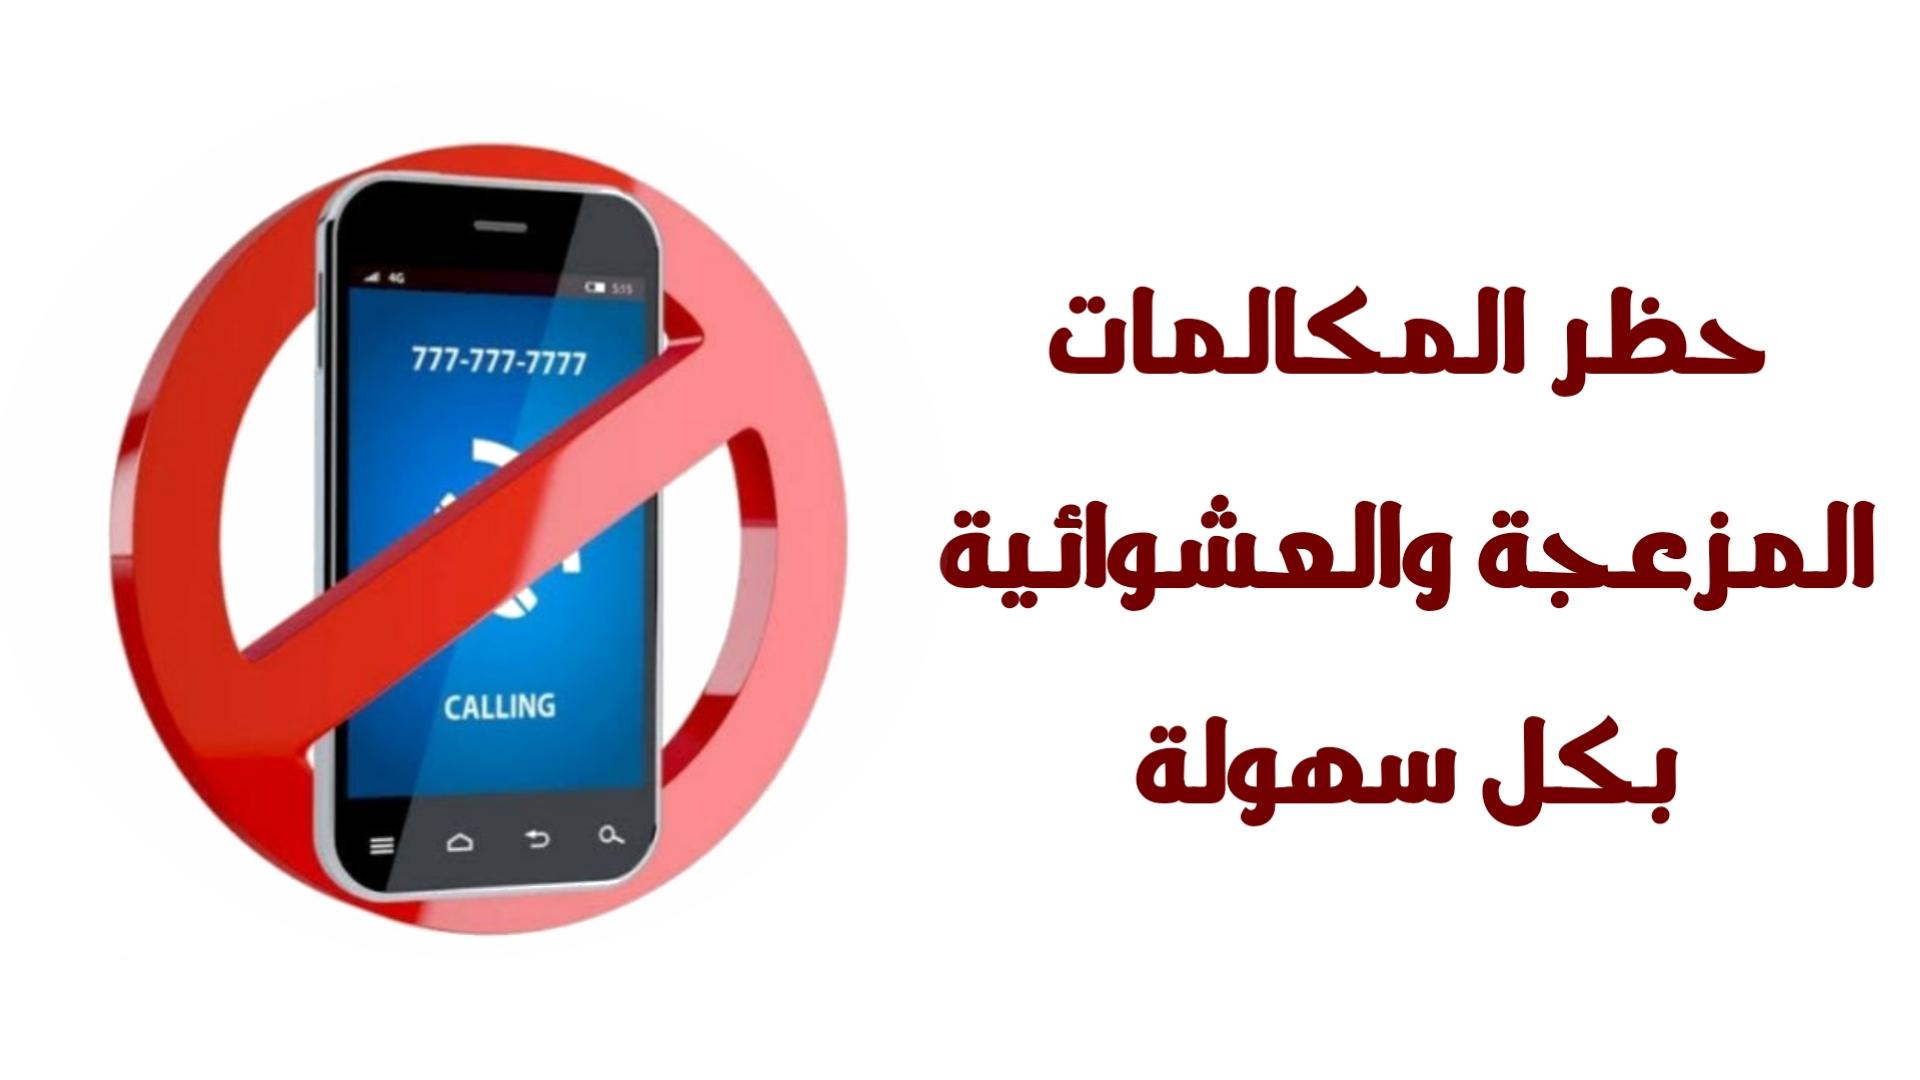 تطبيق حظر المكالمات لحظر جميع المكالمات المزعجة لجميع الأجهزة.